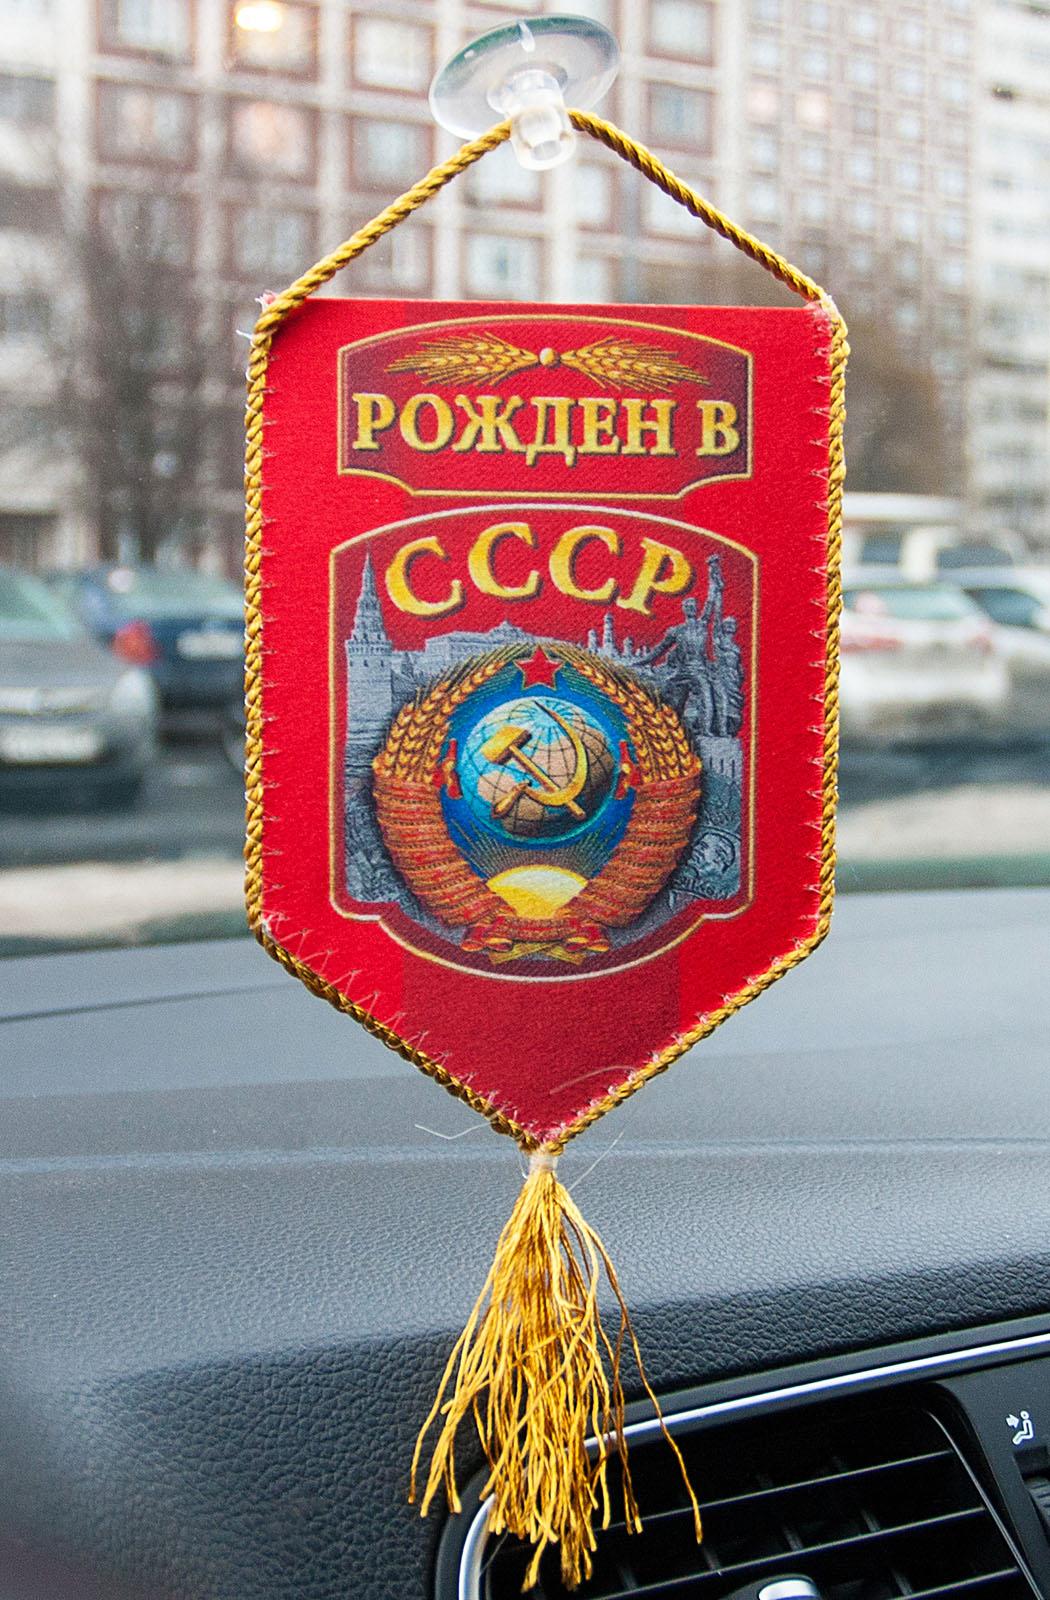 """Вымпел в машину """"Рождён в СССР"""" с доставкой"""